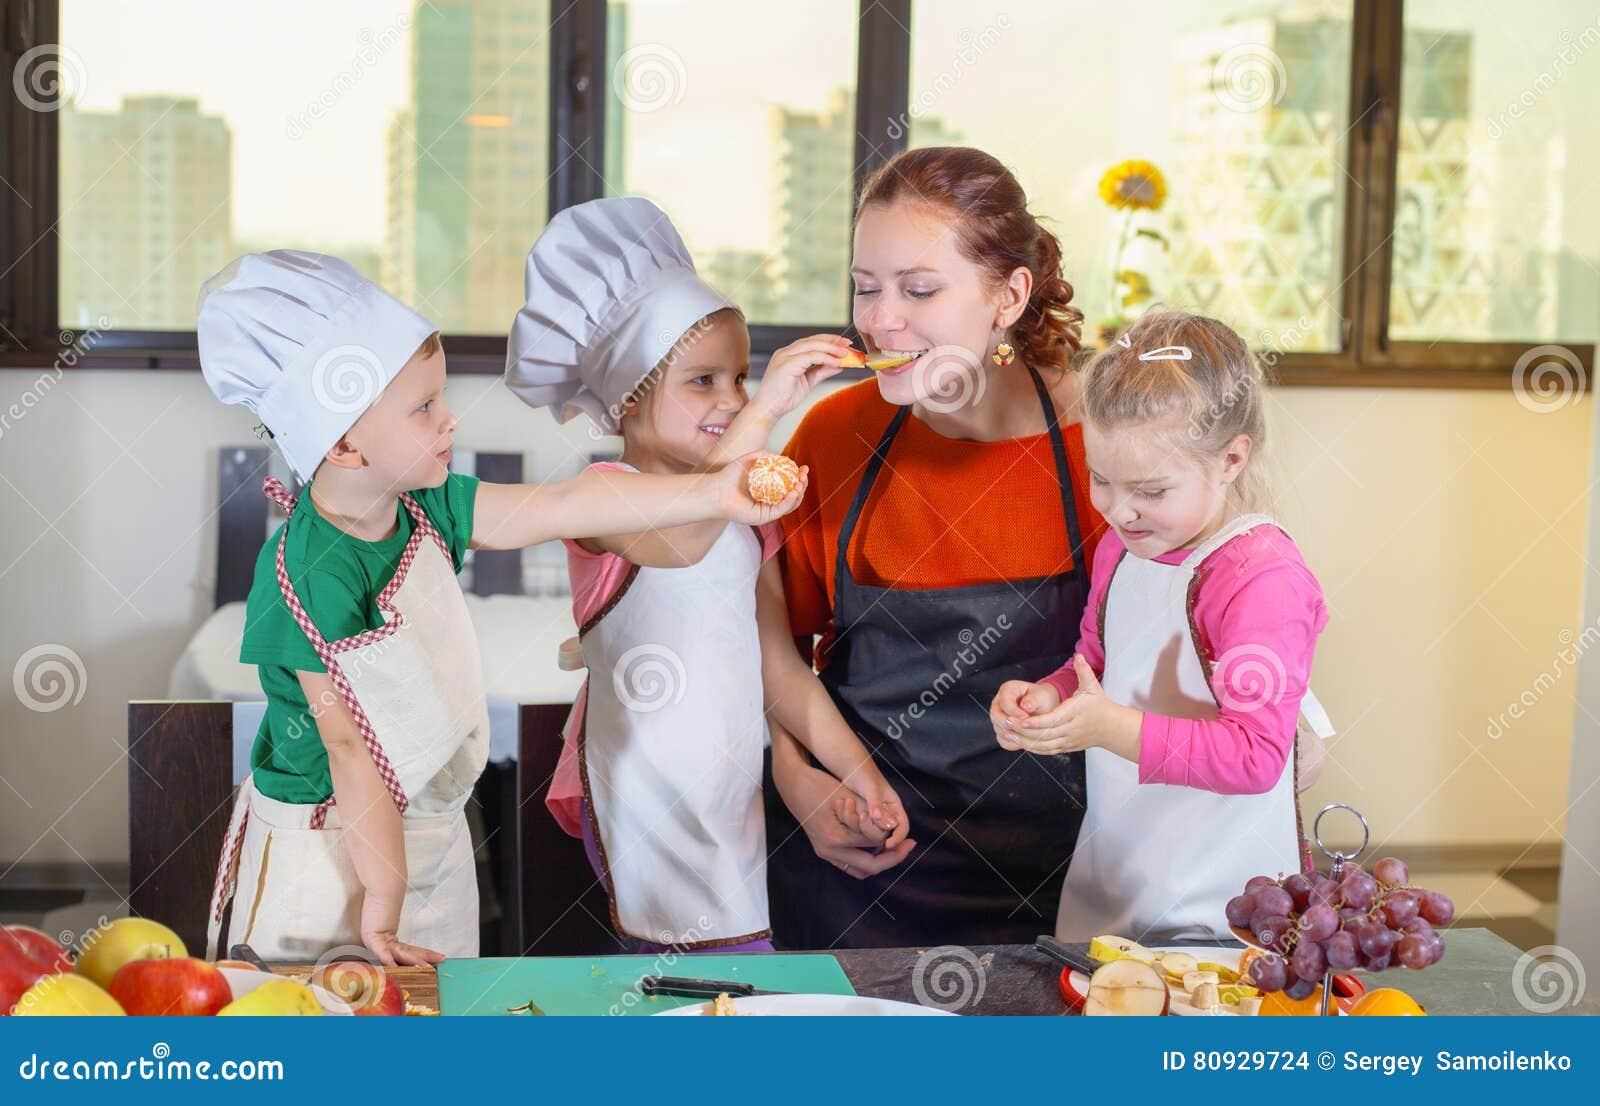 三个逗人喜爱的孩子在厨房里准备水果沙拉